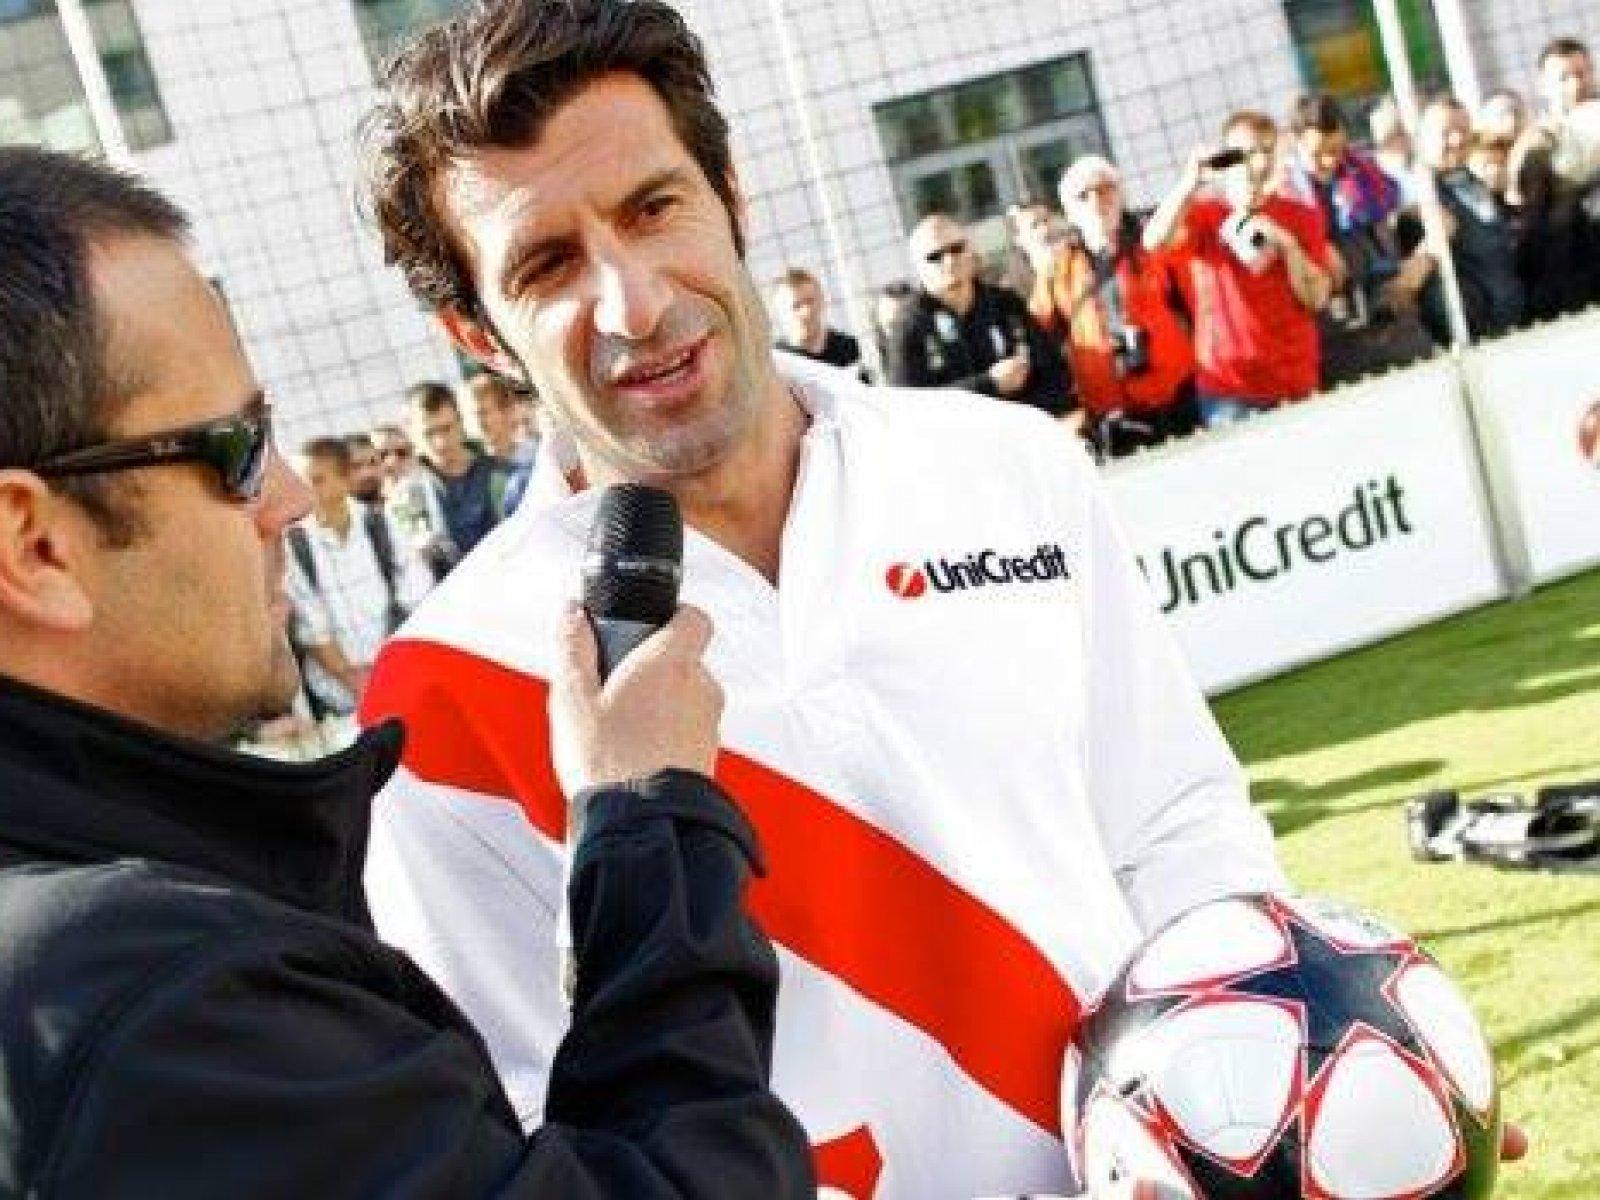 Luis Figo hral za Real aj Barcelonu cca rovnako dlho s podobným počtom zápasov...Komu bude fandiť zajtra v El clasicu??? vy to hlavne nezabudnite sledovať na Dajto a fandite tiež...